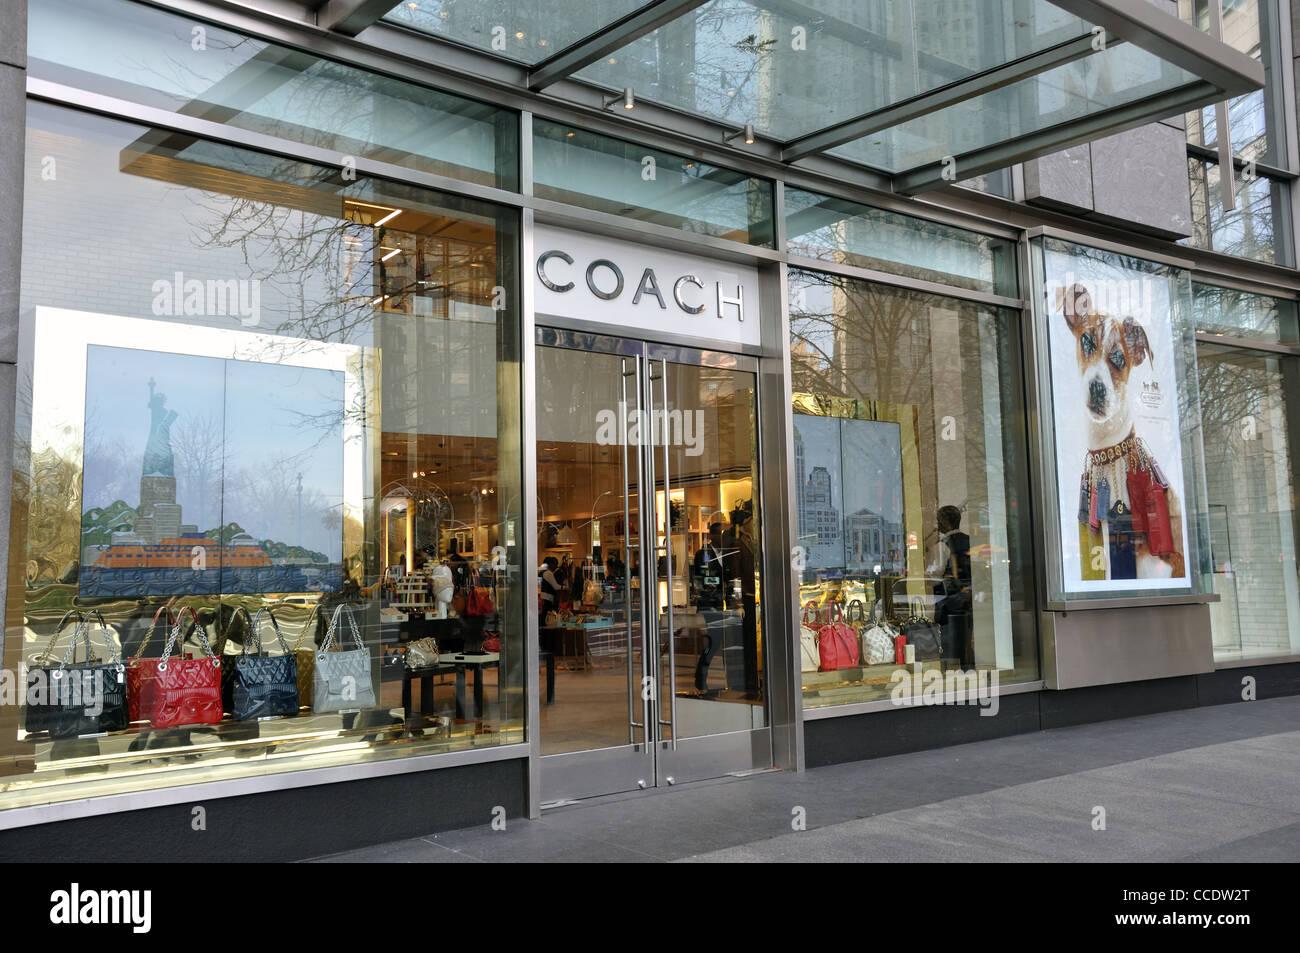 6197eeede9 Coach Shop Bags Stock Photos & Coach Shop Bags Stock Images - Alamy